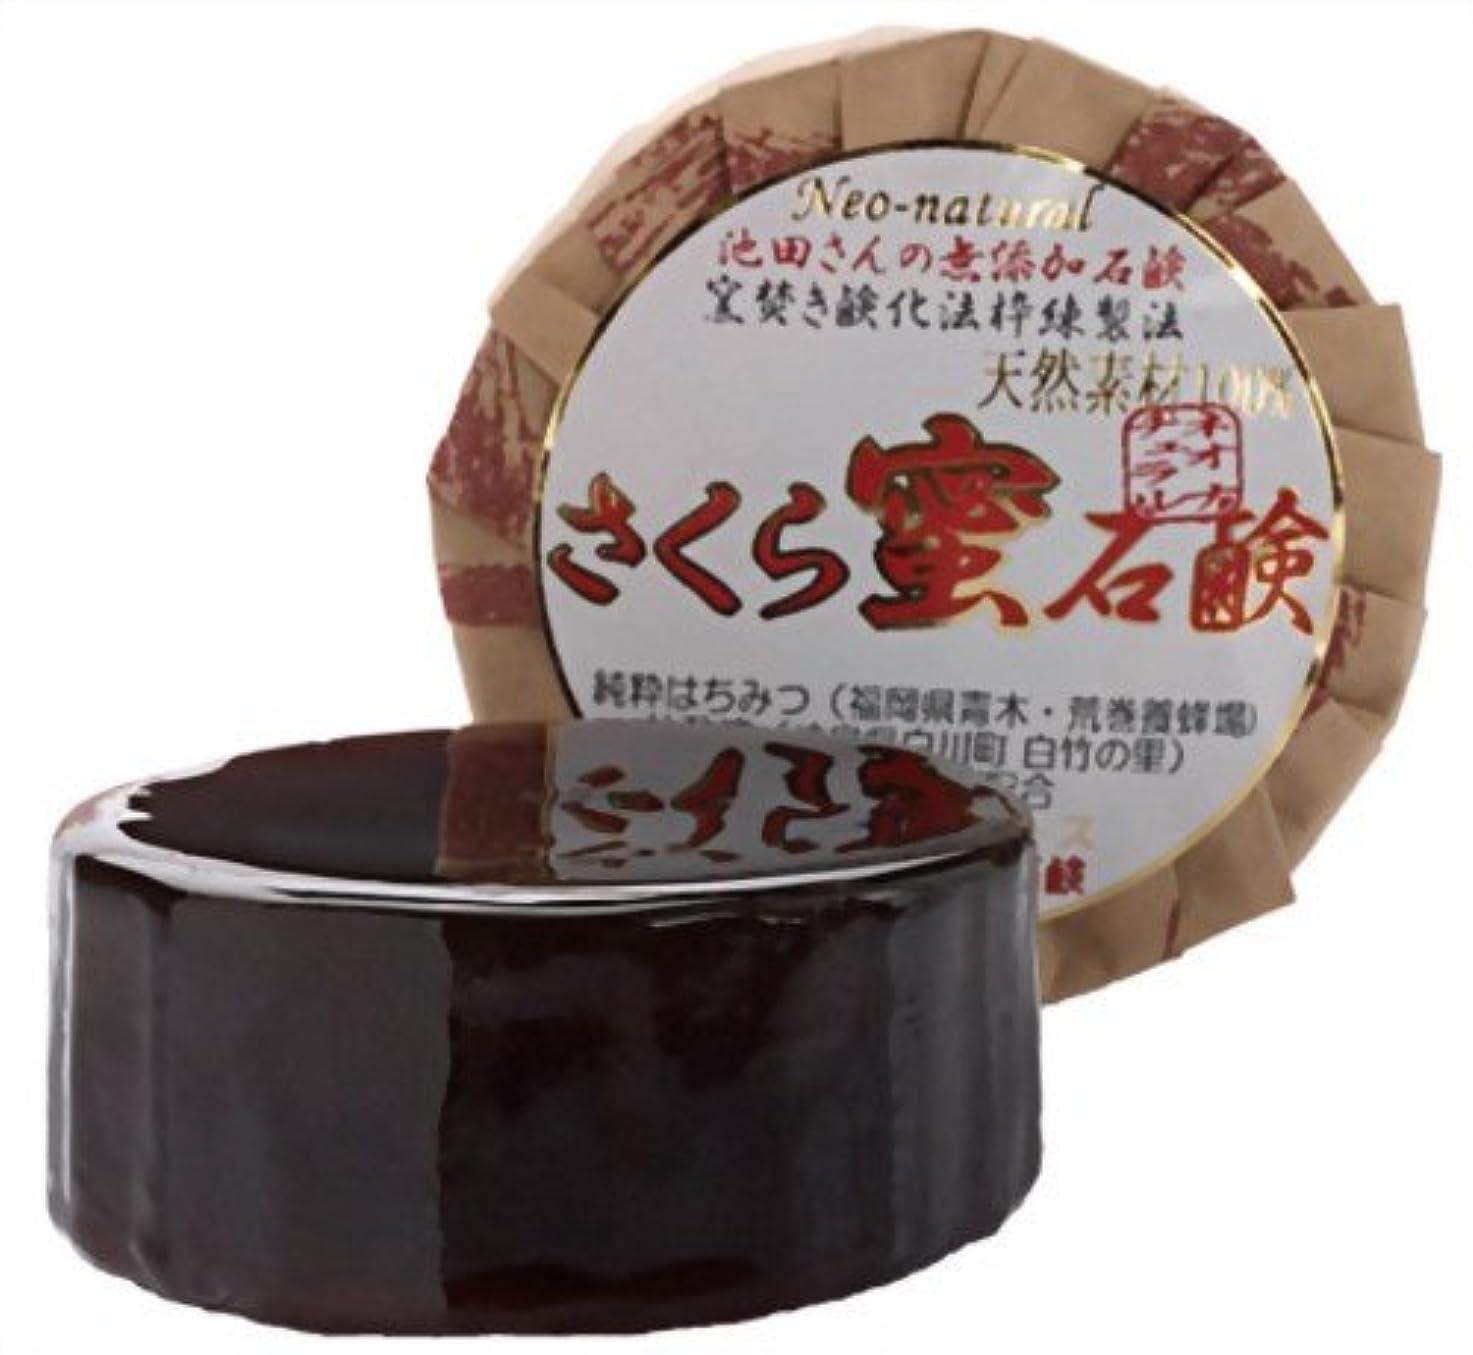 チャーター戦う家事ネオナチュラル 池田さんのさくら蜜石鹸 105g